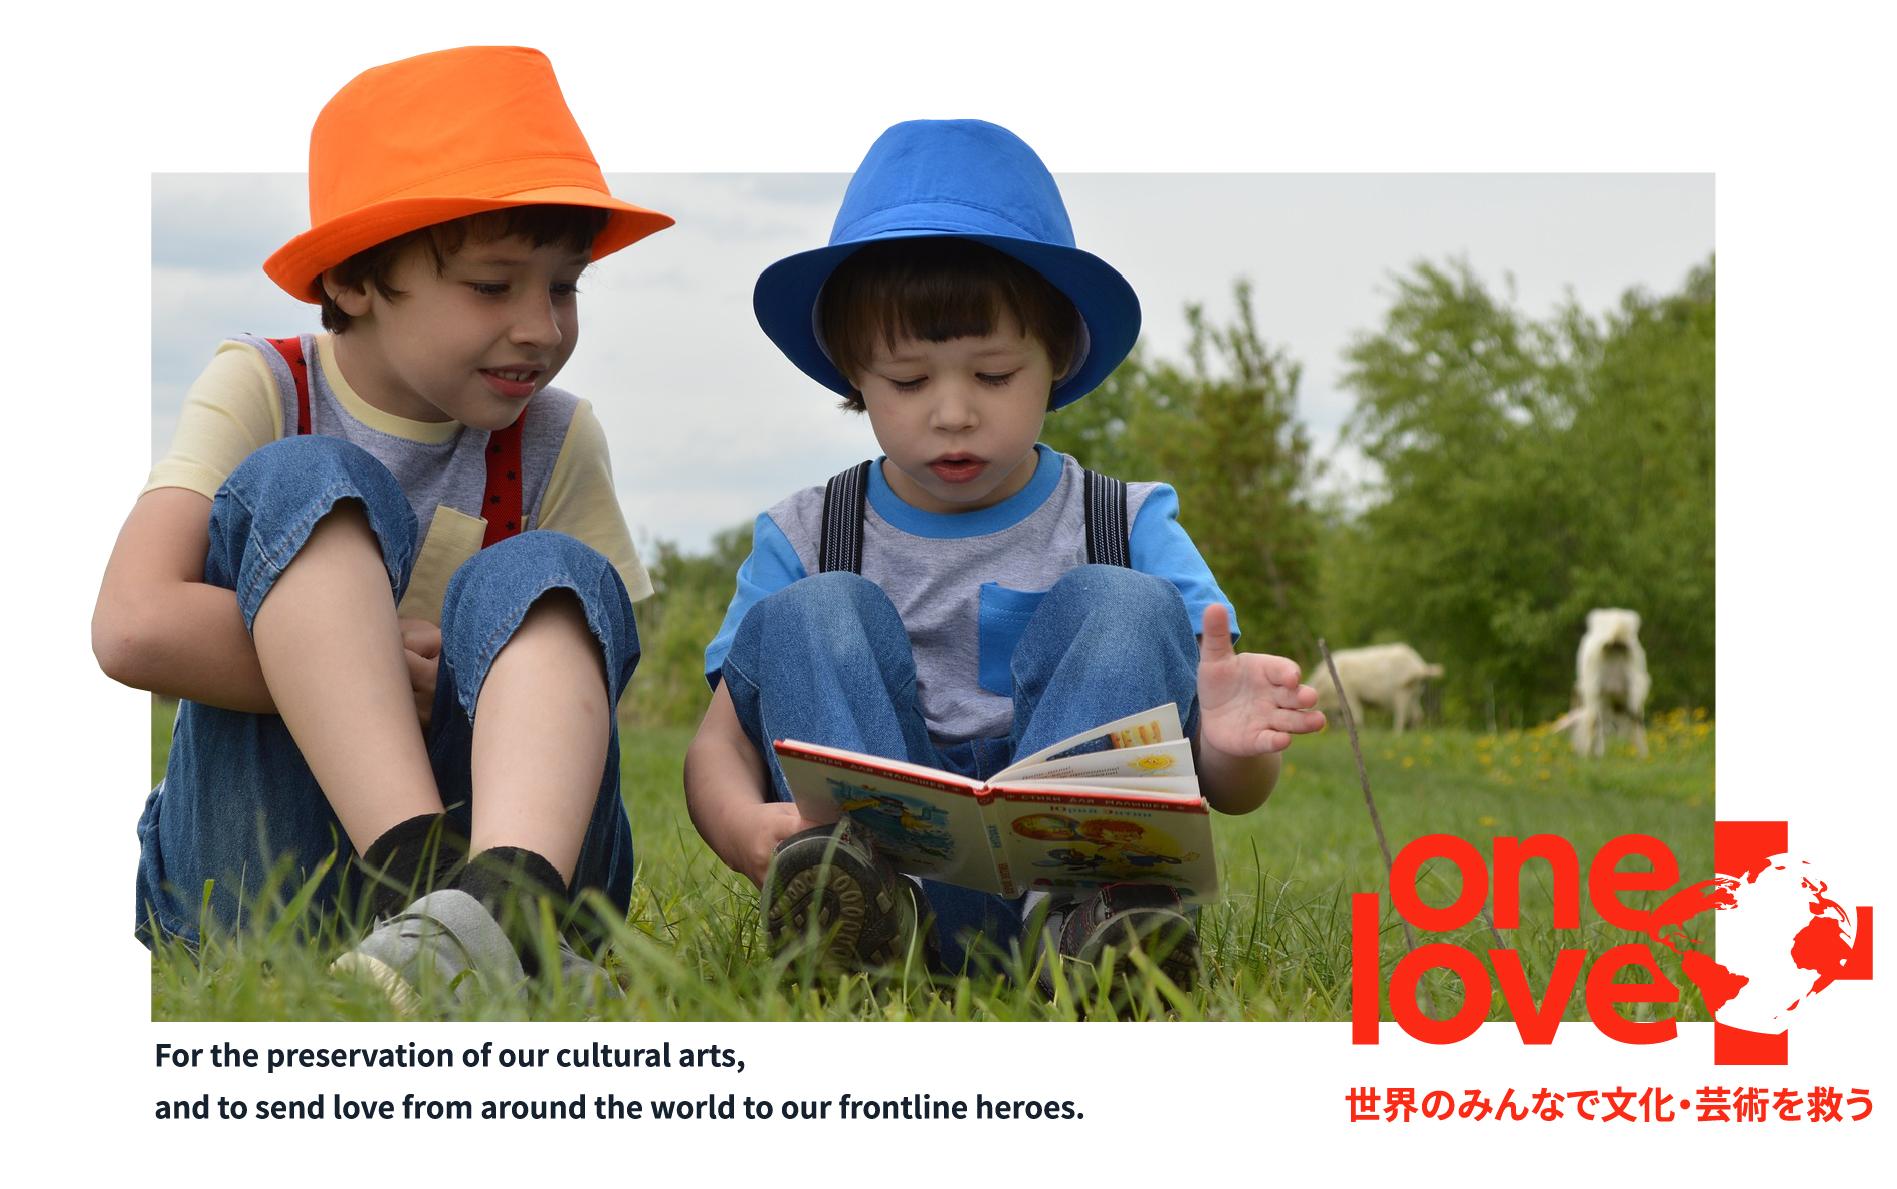 ウクライナの身体障がいを持つ子どもたちの未来を変える!